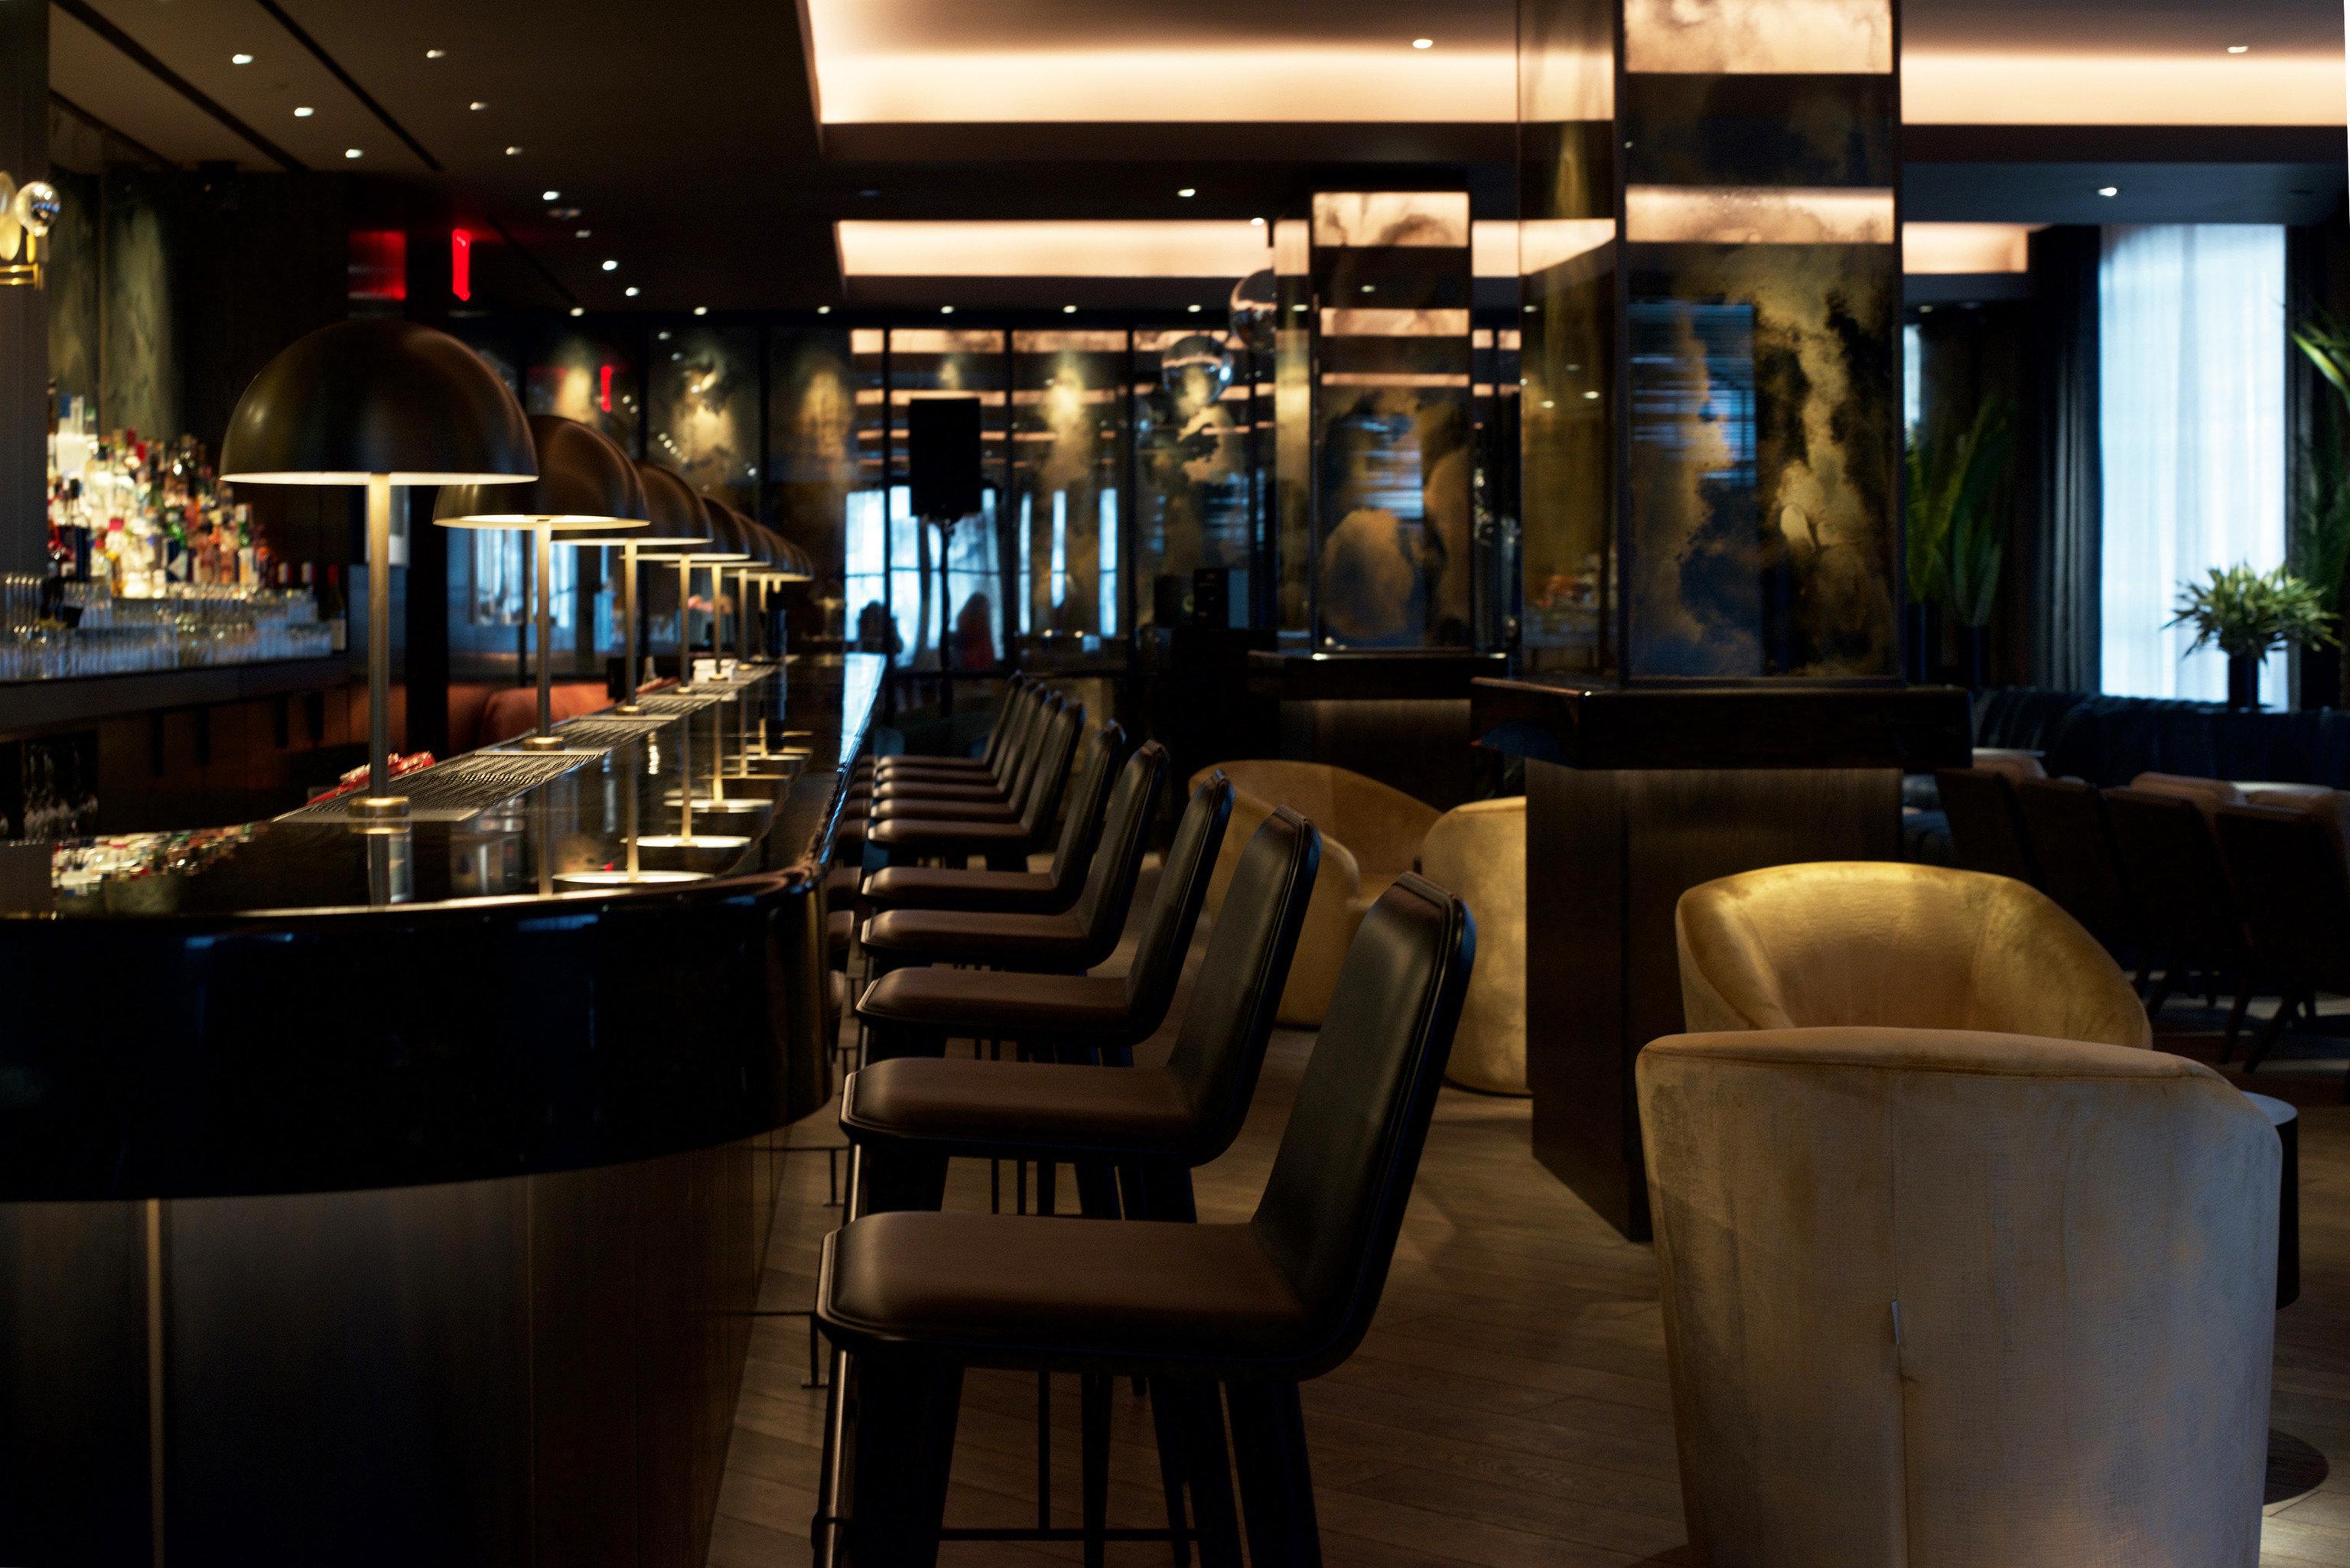 Hotels indoor room restaurant Bar ceiling interior design meal café